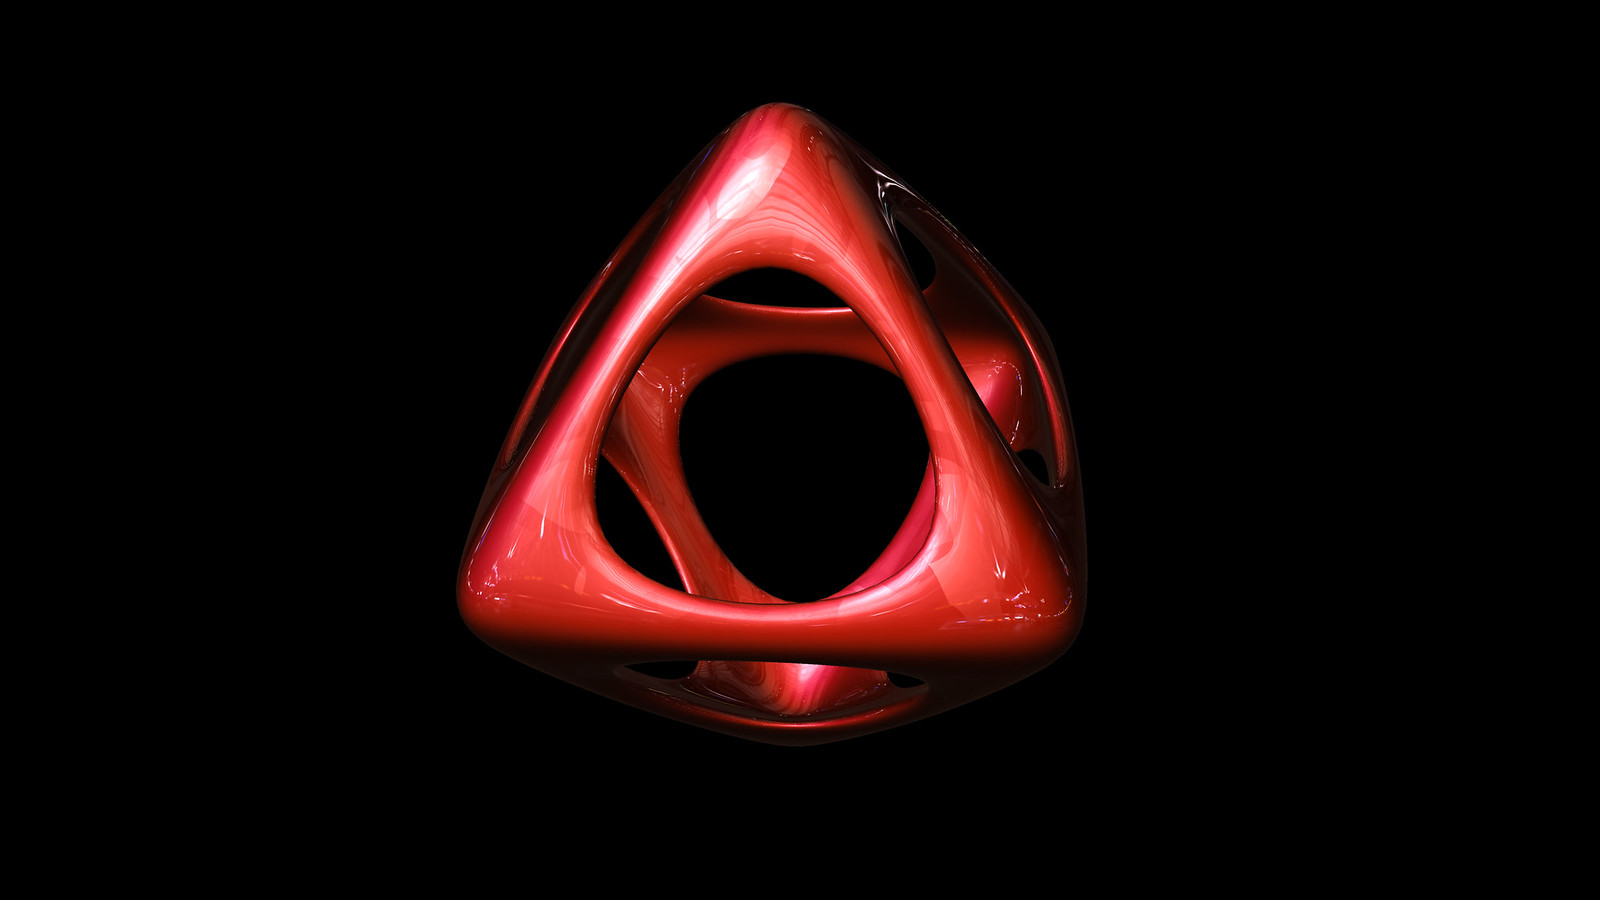 octahedron soft